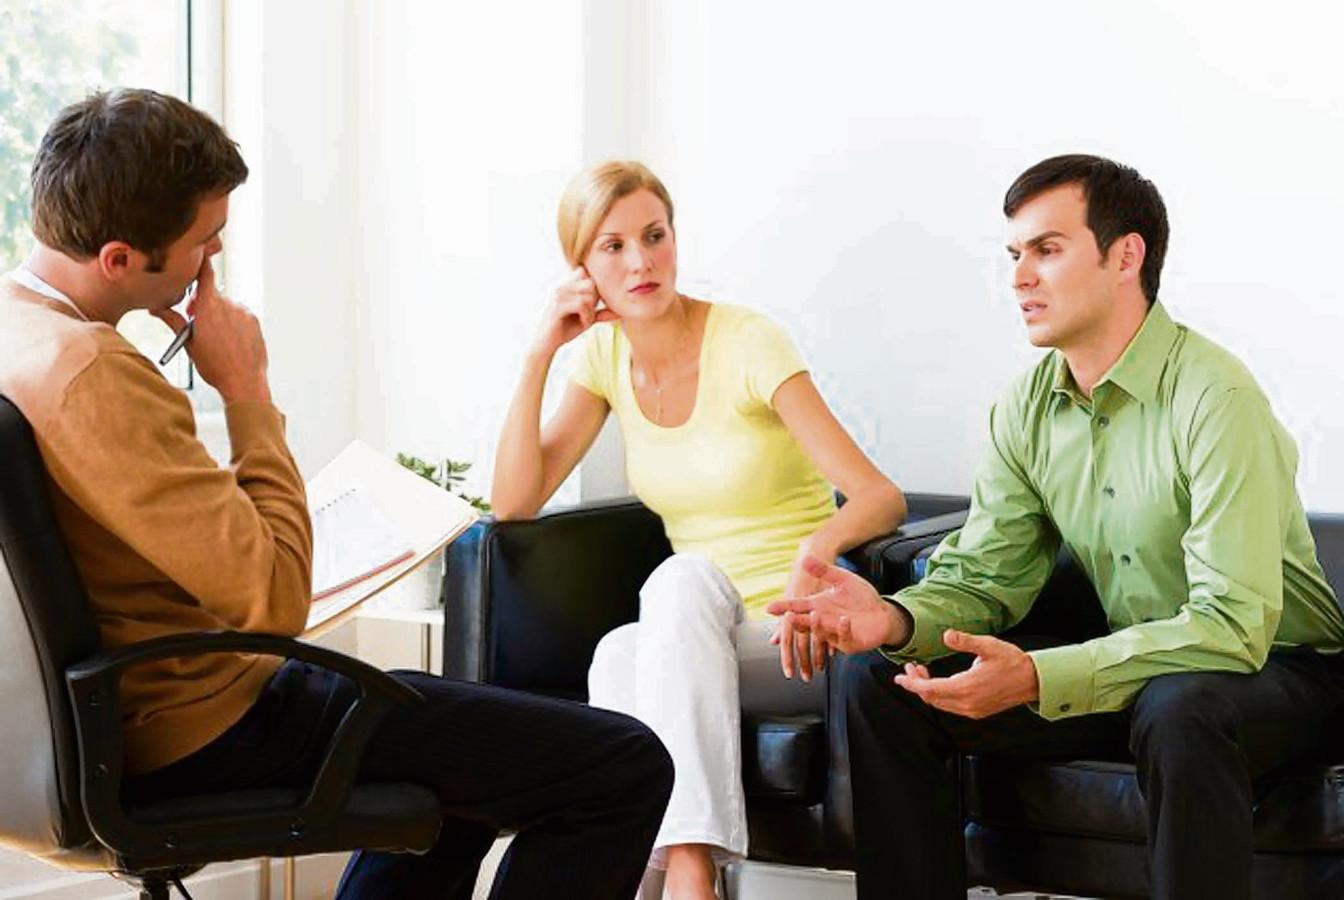 Bunschoten neemt de kosten voor relatietherapie voor zijn rekening om echtscheidingen te voorkomen.